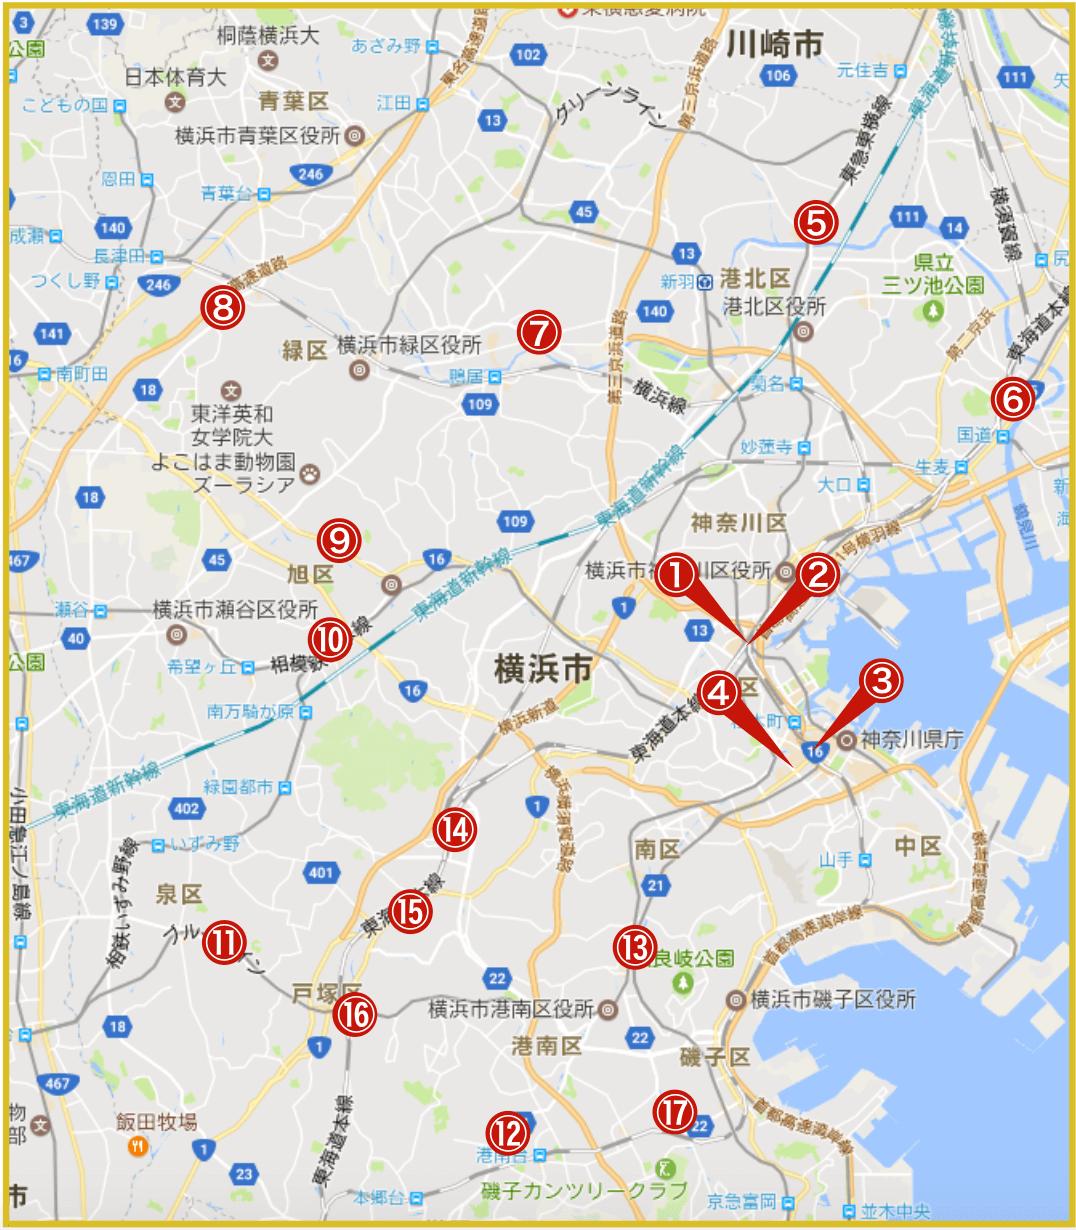 横浜市にあるプロミス店舗・ATMの位置